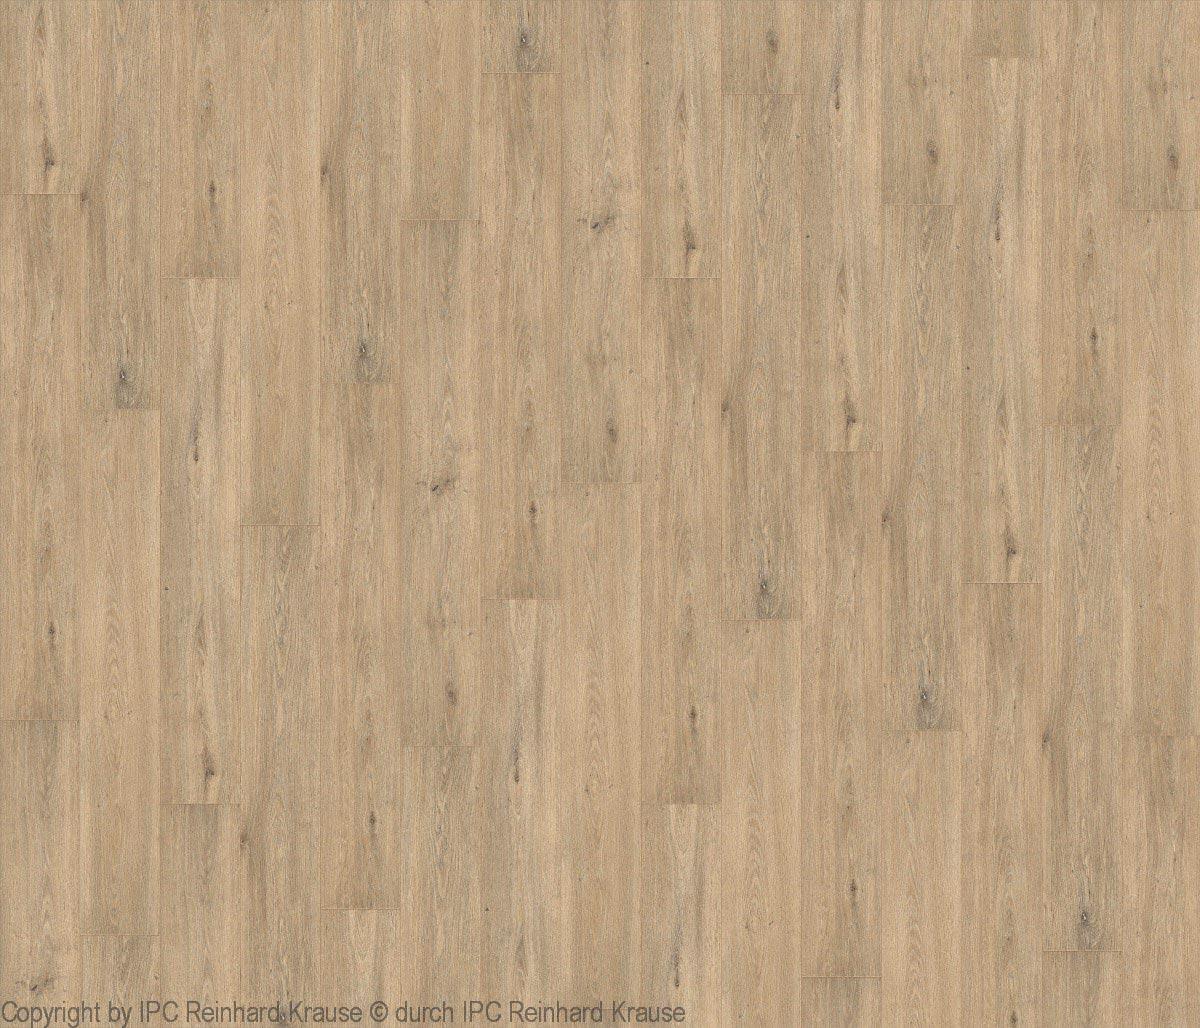 vinyl designboden elegance louise eiche hell beige registerpr gung deutsch. Black Bedroom Furniture Sets. Home Design Ideas